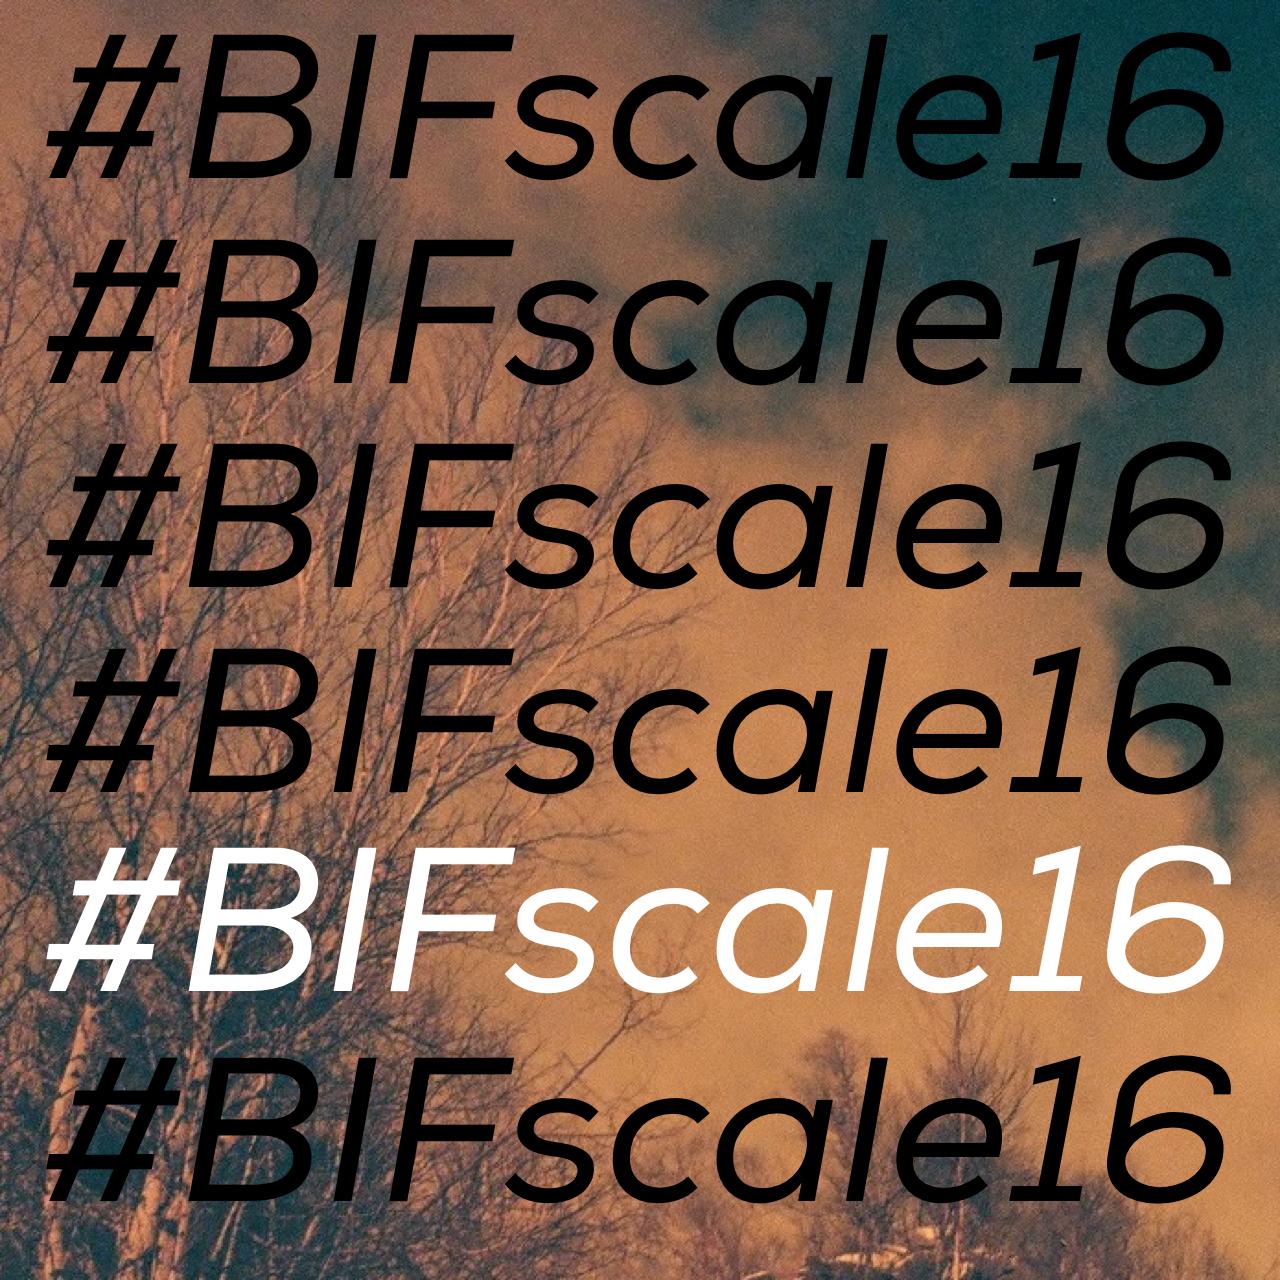 Do It Backwards #BIFscale16 - logo